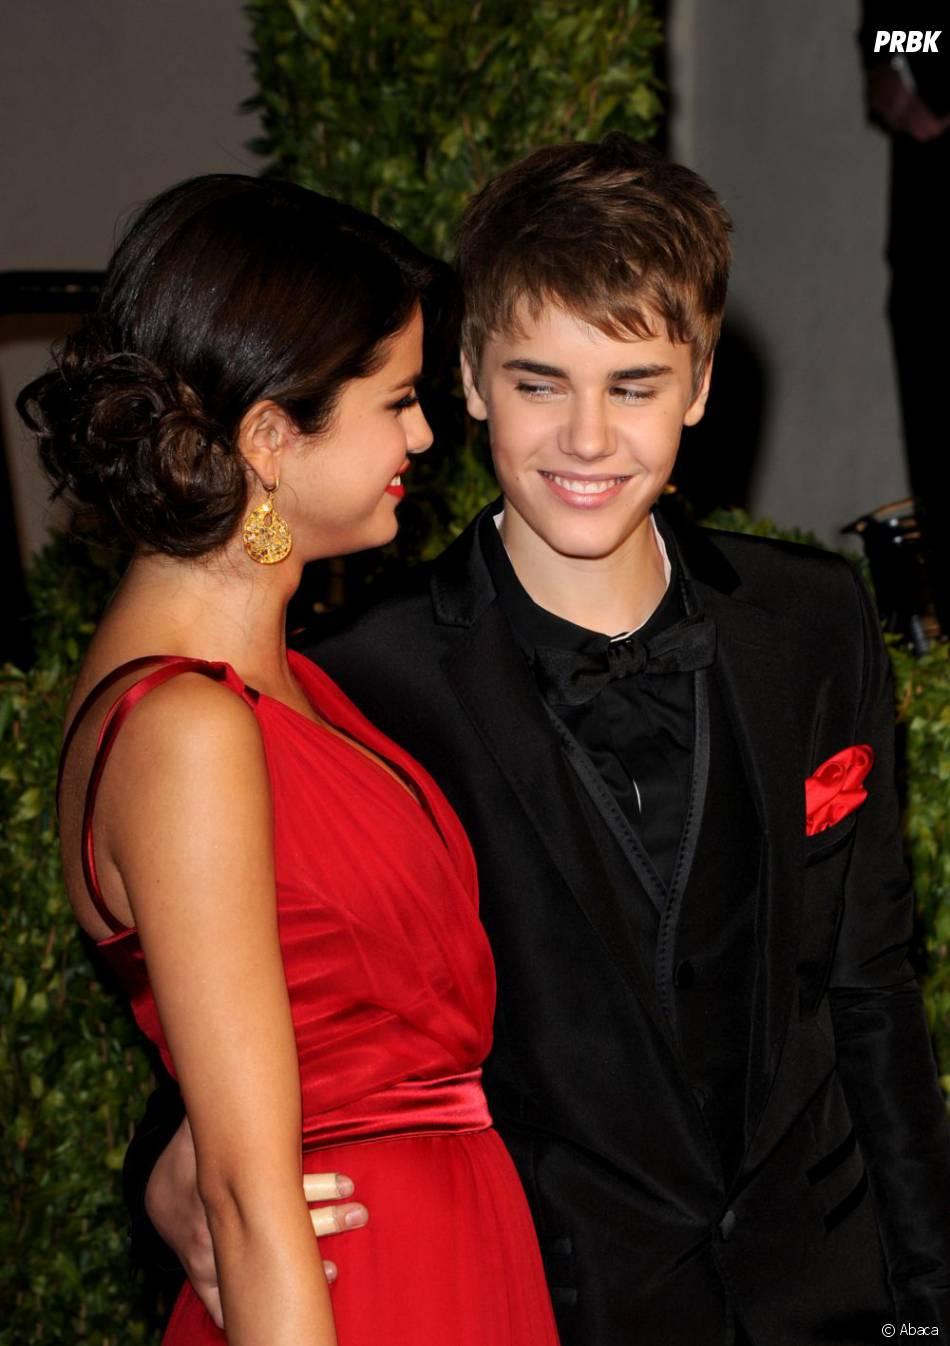 De nouveau en couple, Justin Bieber et Selena Gomez sontplus amoureux que jamais